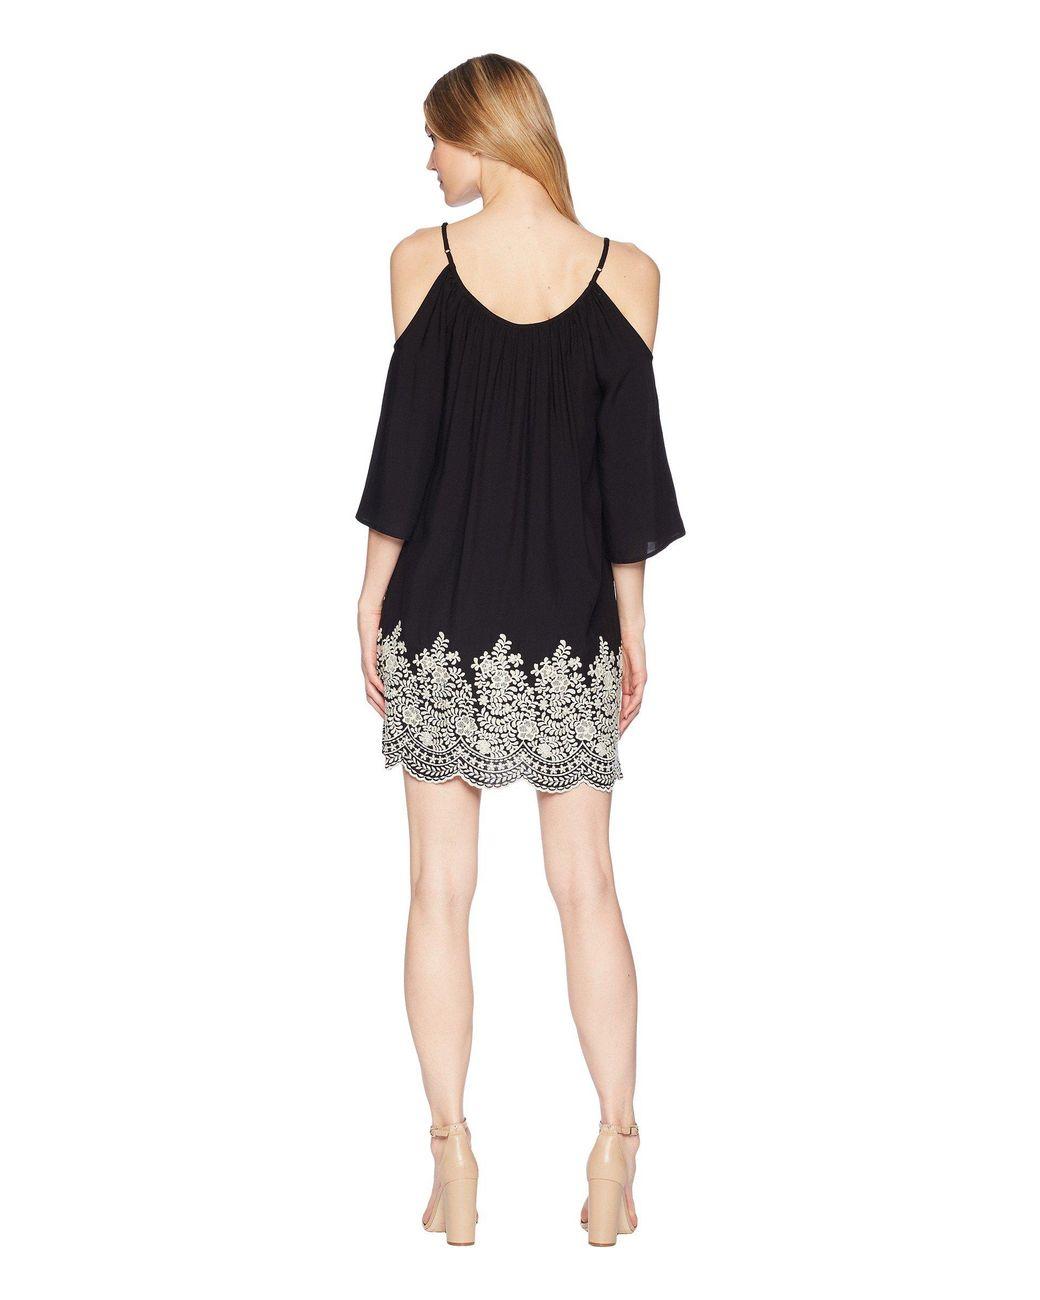 8502fc6cd21 Lyst - Karen Kane Embroidered Cold Shoulder Dress in Black - Save 62%